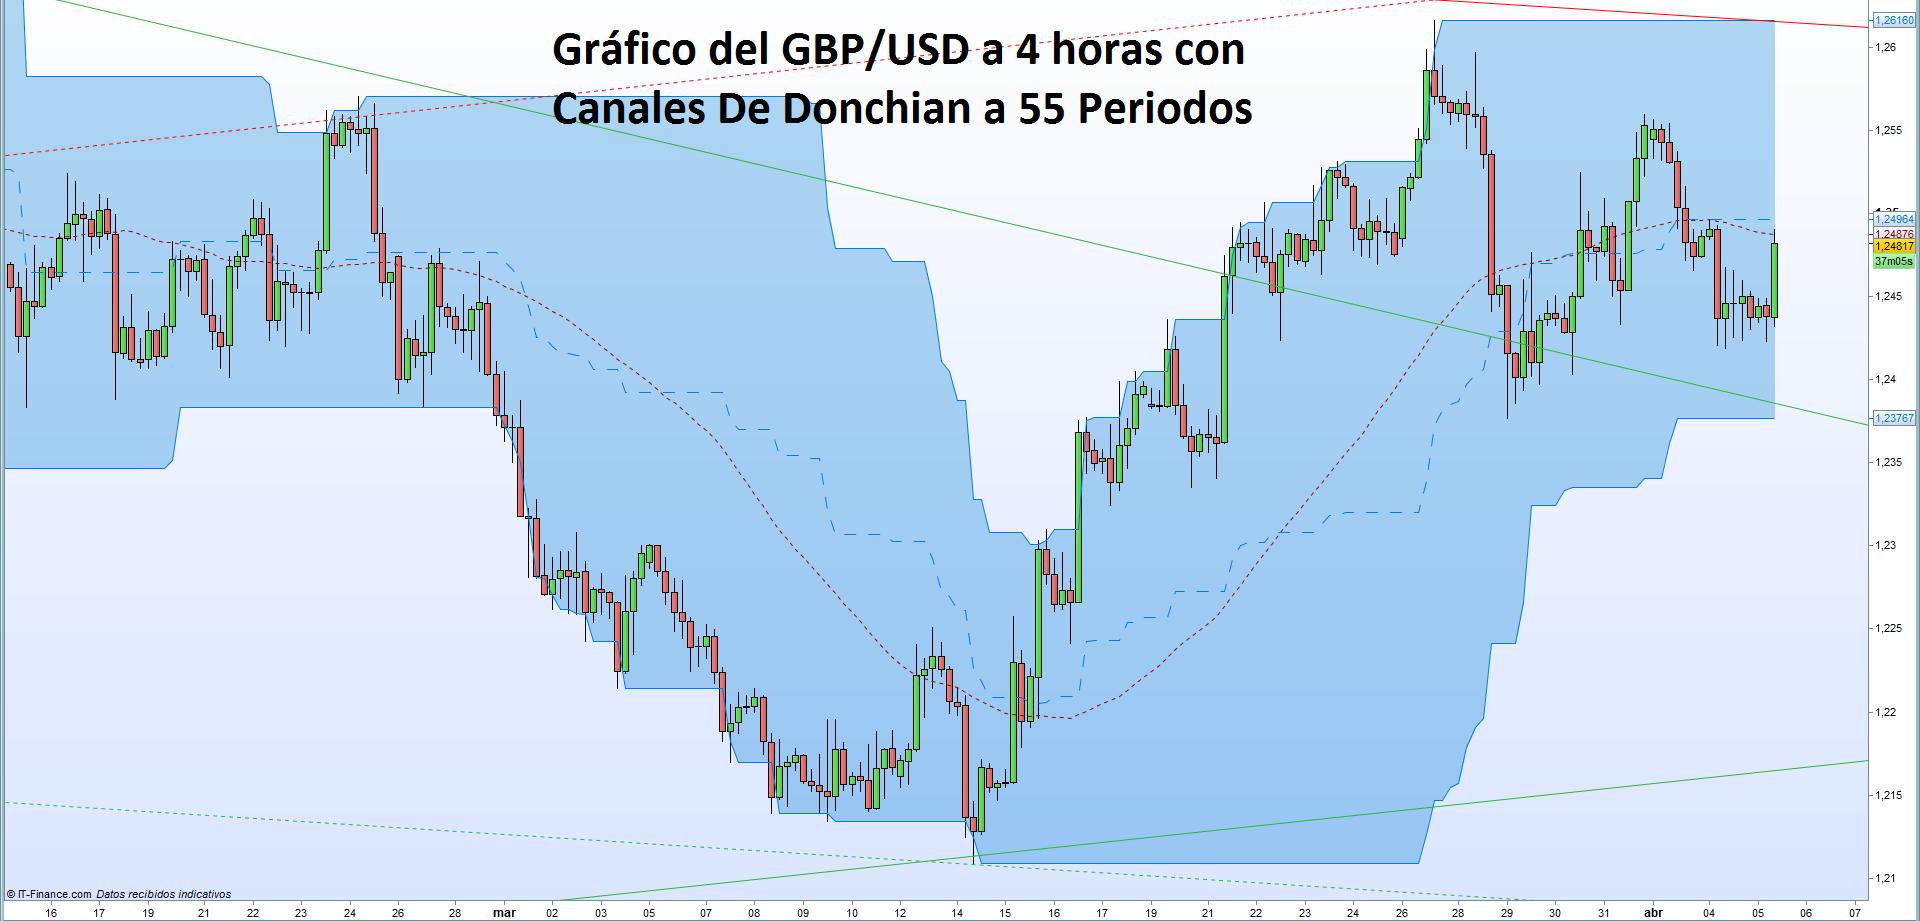 Rebote importante para el GBP/USD ¿Hasta cuándo durará?